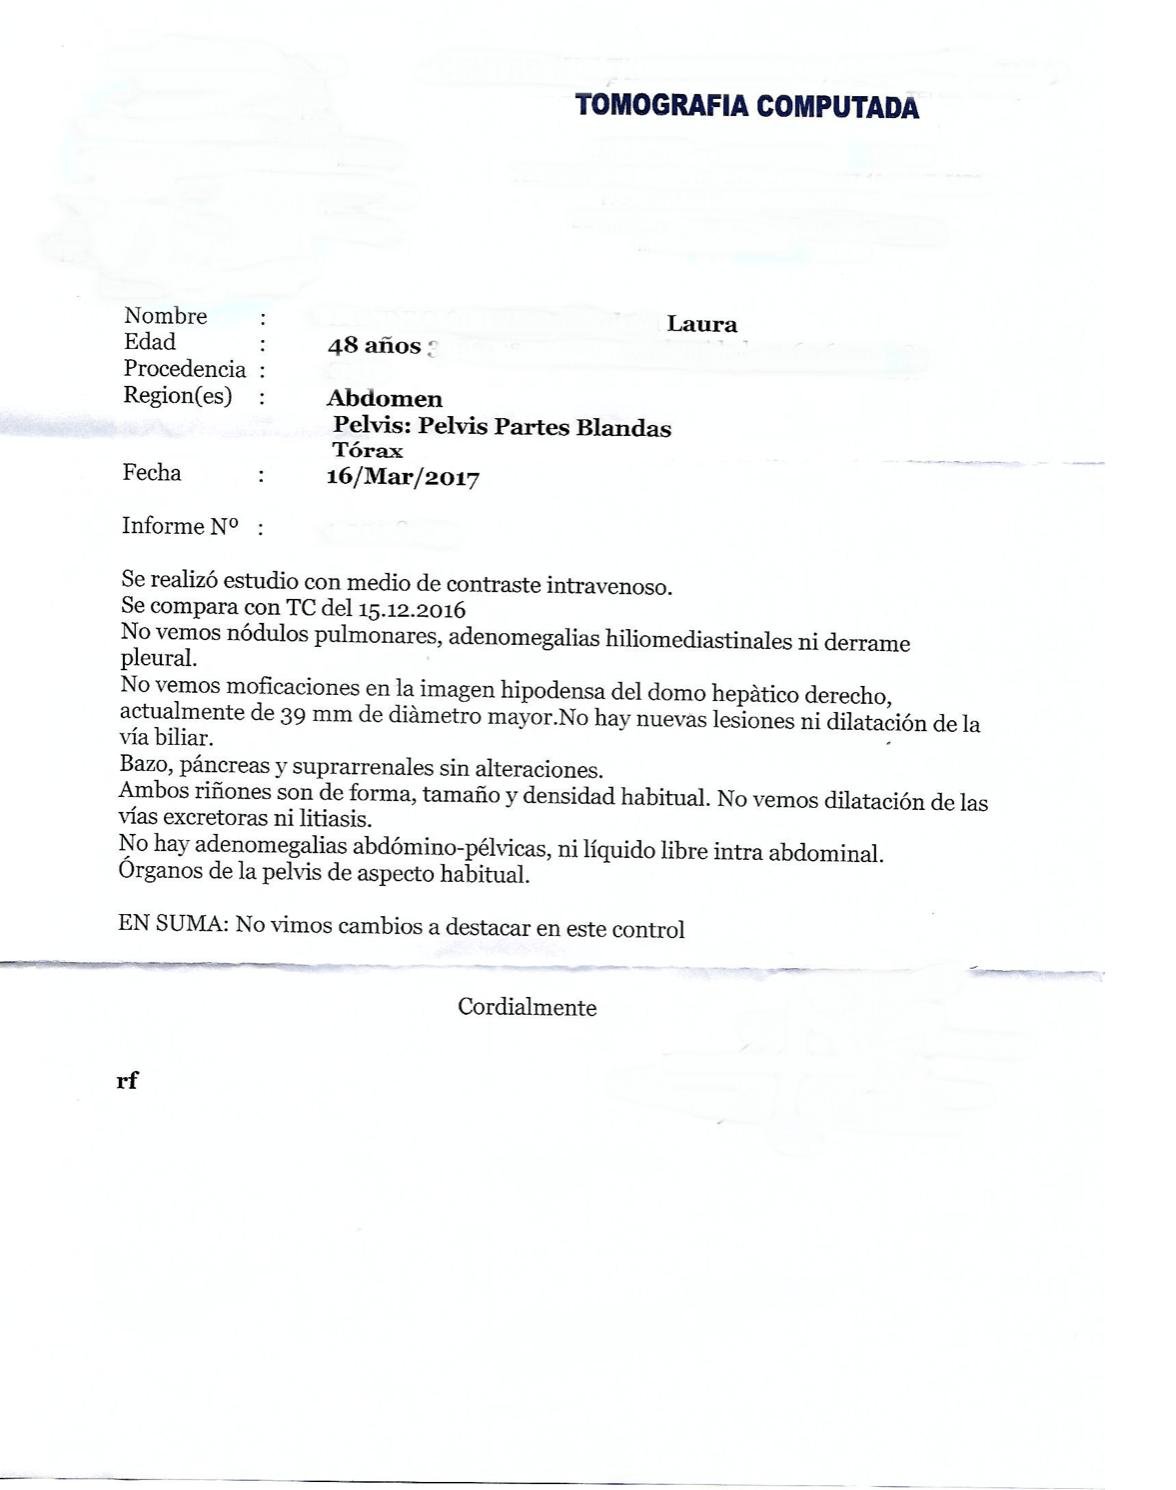 LifEscozul® - Laura 1 - Cáncer de Hígado